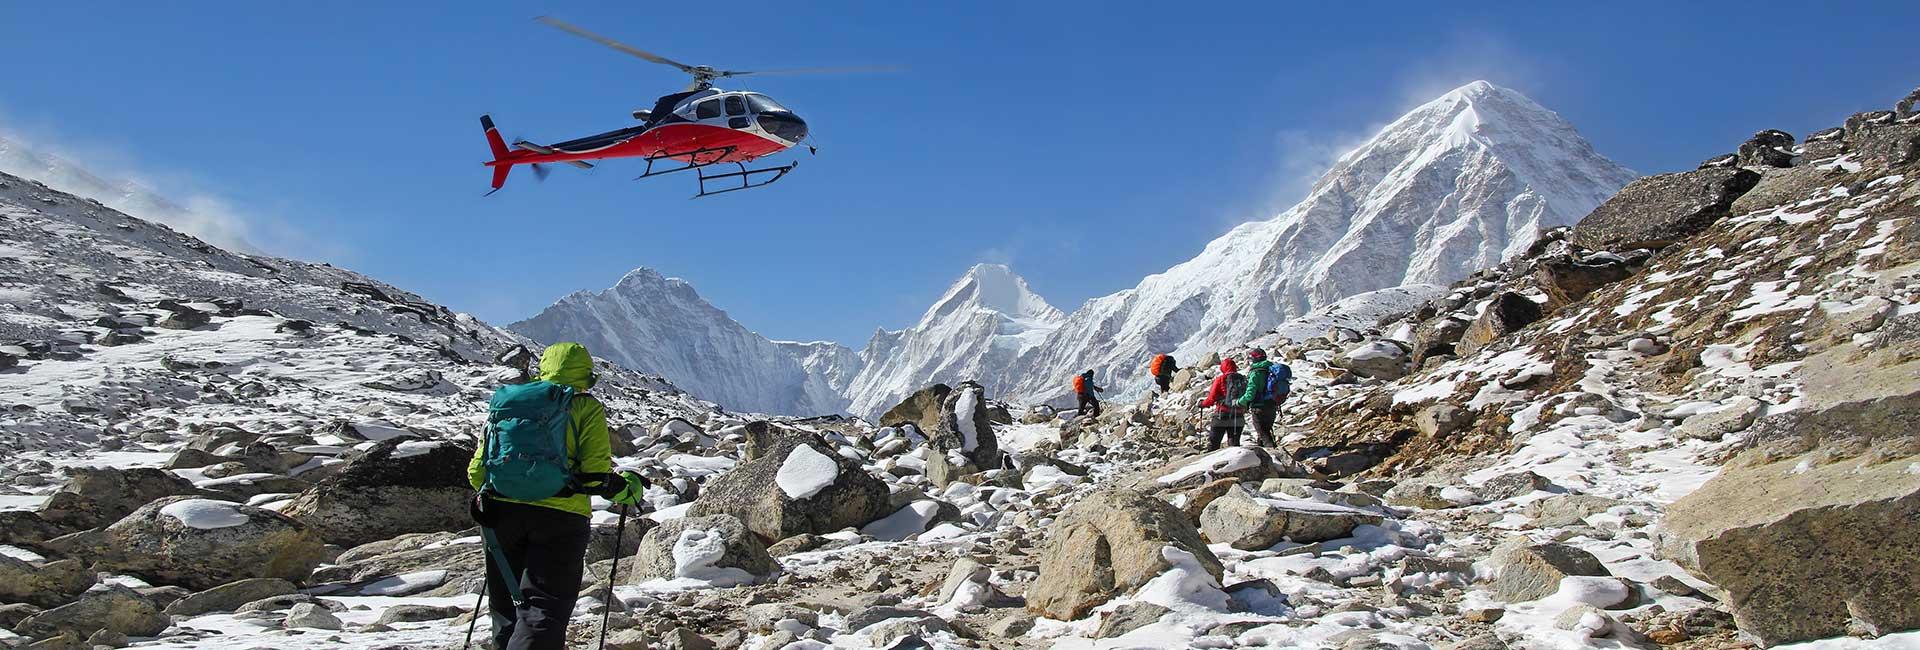 Bergungskosten Wander- und Bergsportversicherung